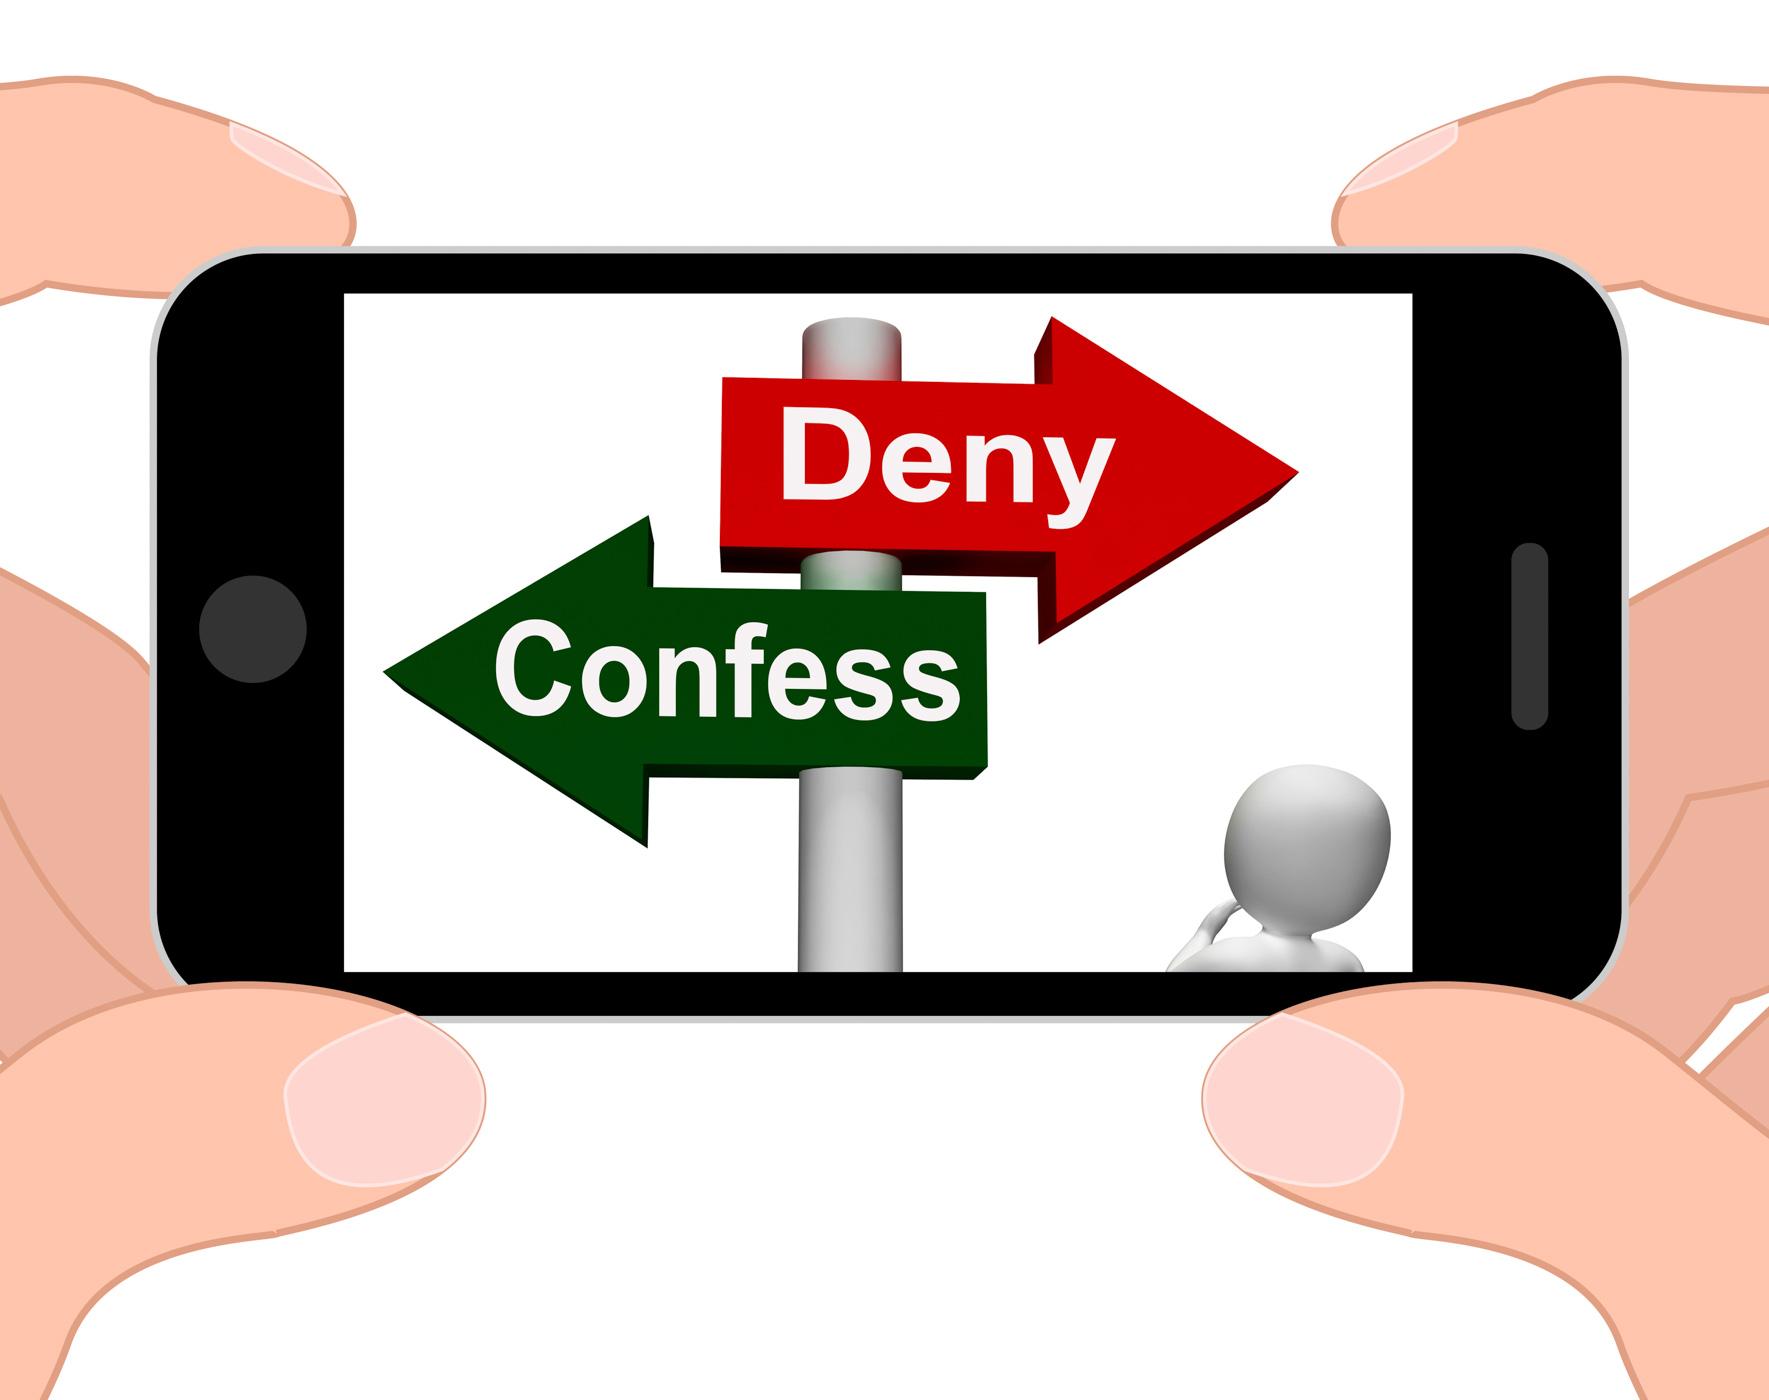 Confess Deny Signpost Displays Confessing Or Denying Guilt Innocence, Guilt, Web, Takingresponsibi, Smartphone, HQ Photo